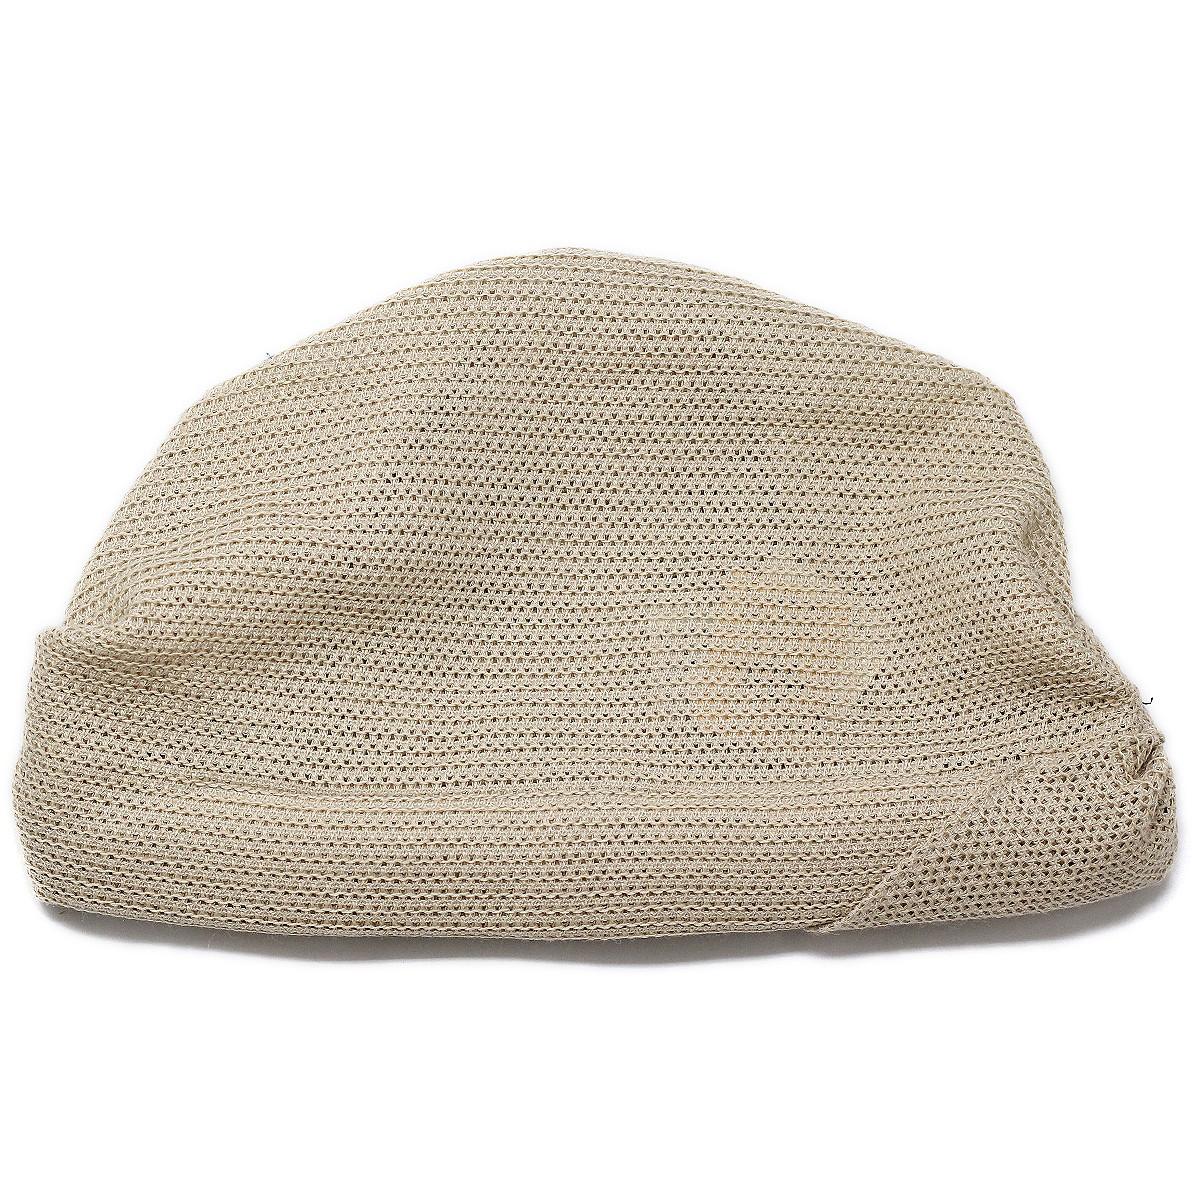 レディース ターバン 帽子 春夏 麻100ニット 春用 夏用 吸湿性の高い生地 ベージュ 婦人帽子 ミセスハット ニット帽 フリーサイズ 40代 50代 60代 70代 ファッション ベージュbeanie capturbanlZuOXTwiPk